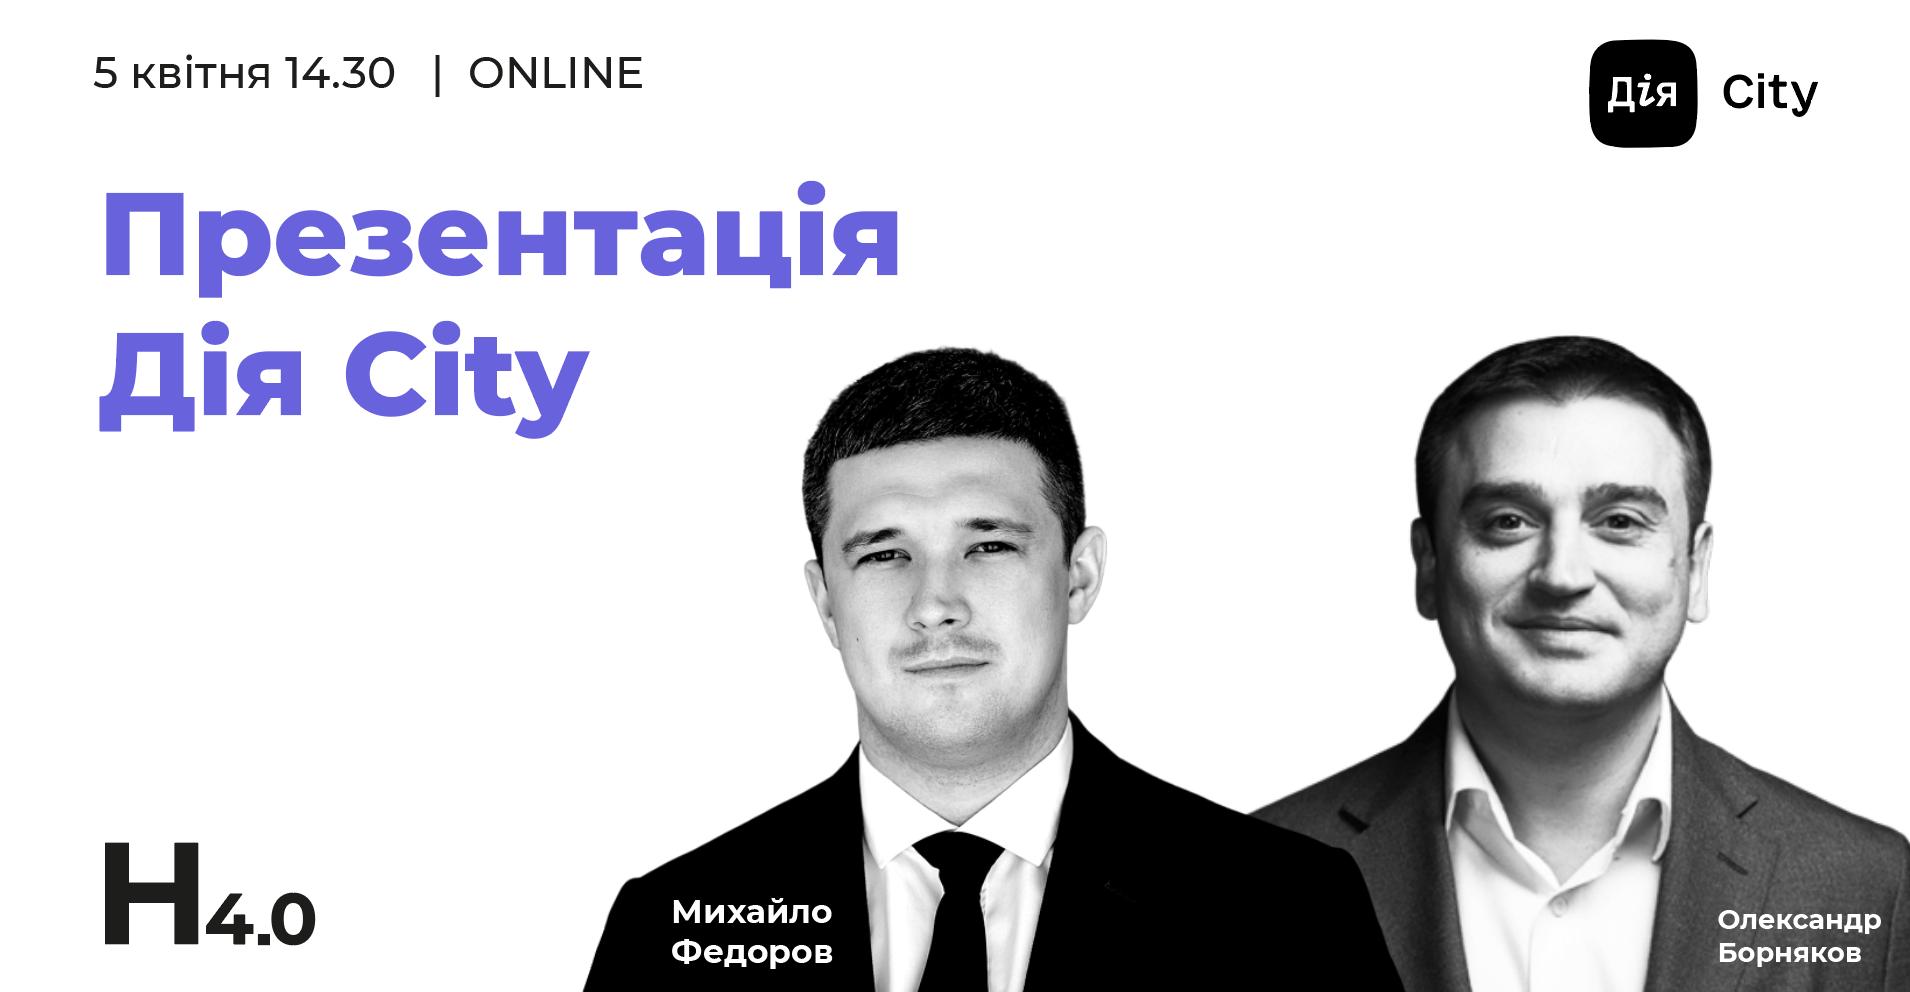 Презентація Дія City: стань свідком зміни української податкової системи